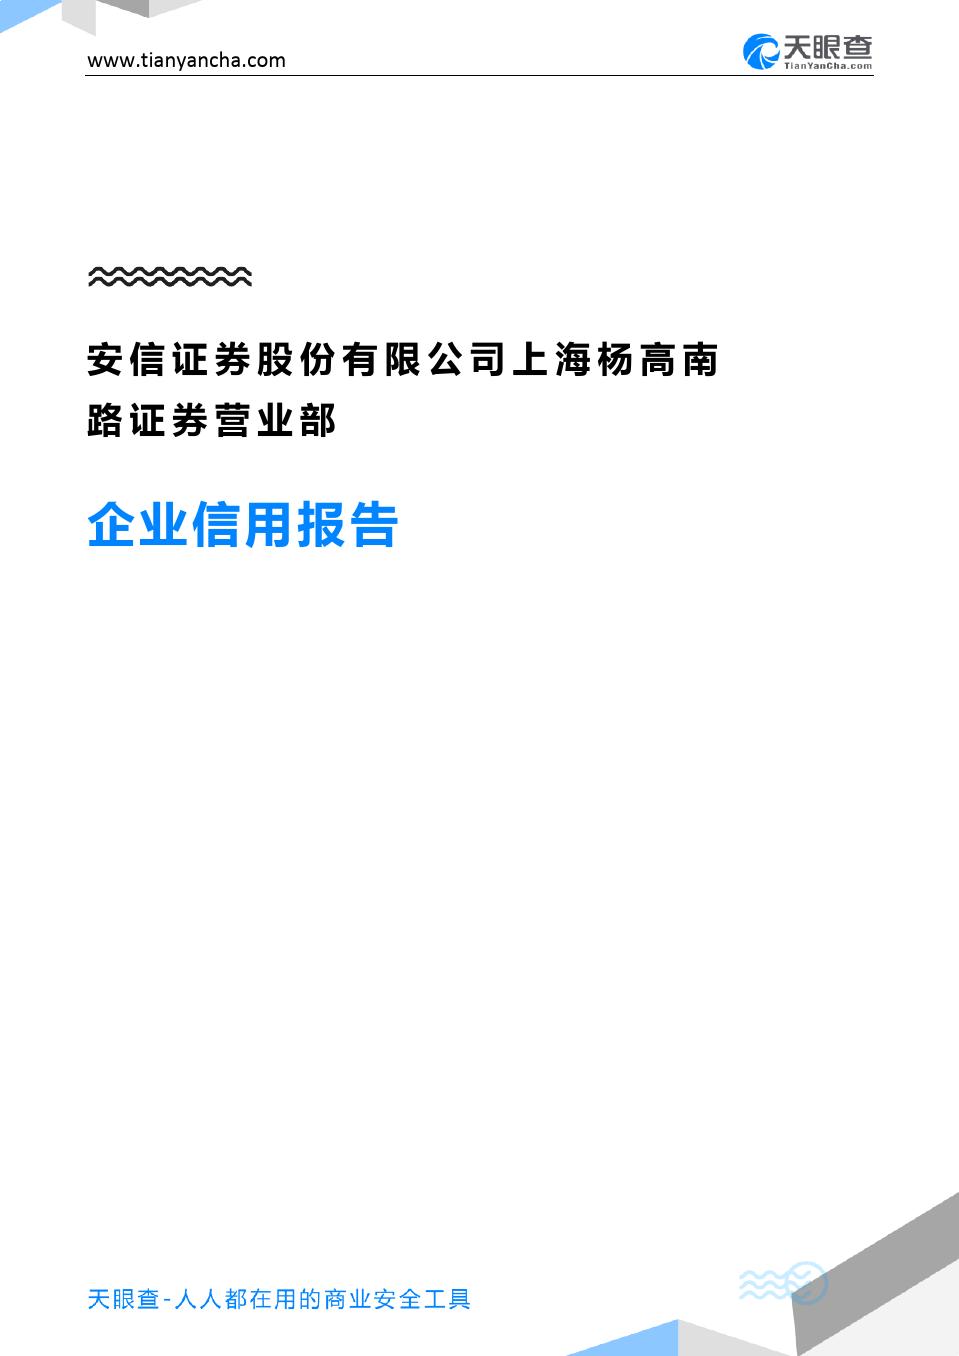 安信证券股份有限公司上海杨高南路证券营业部企业信用报告-天眼查